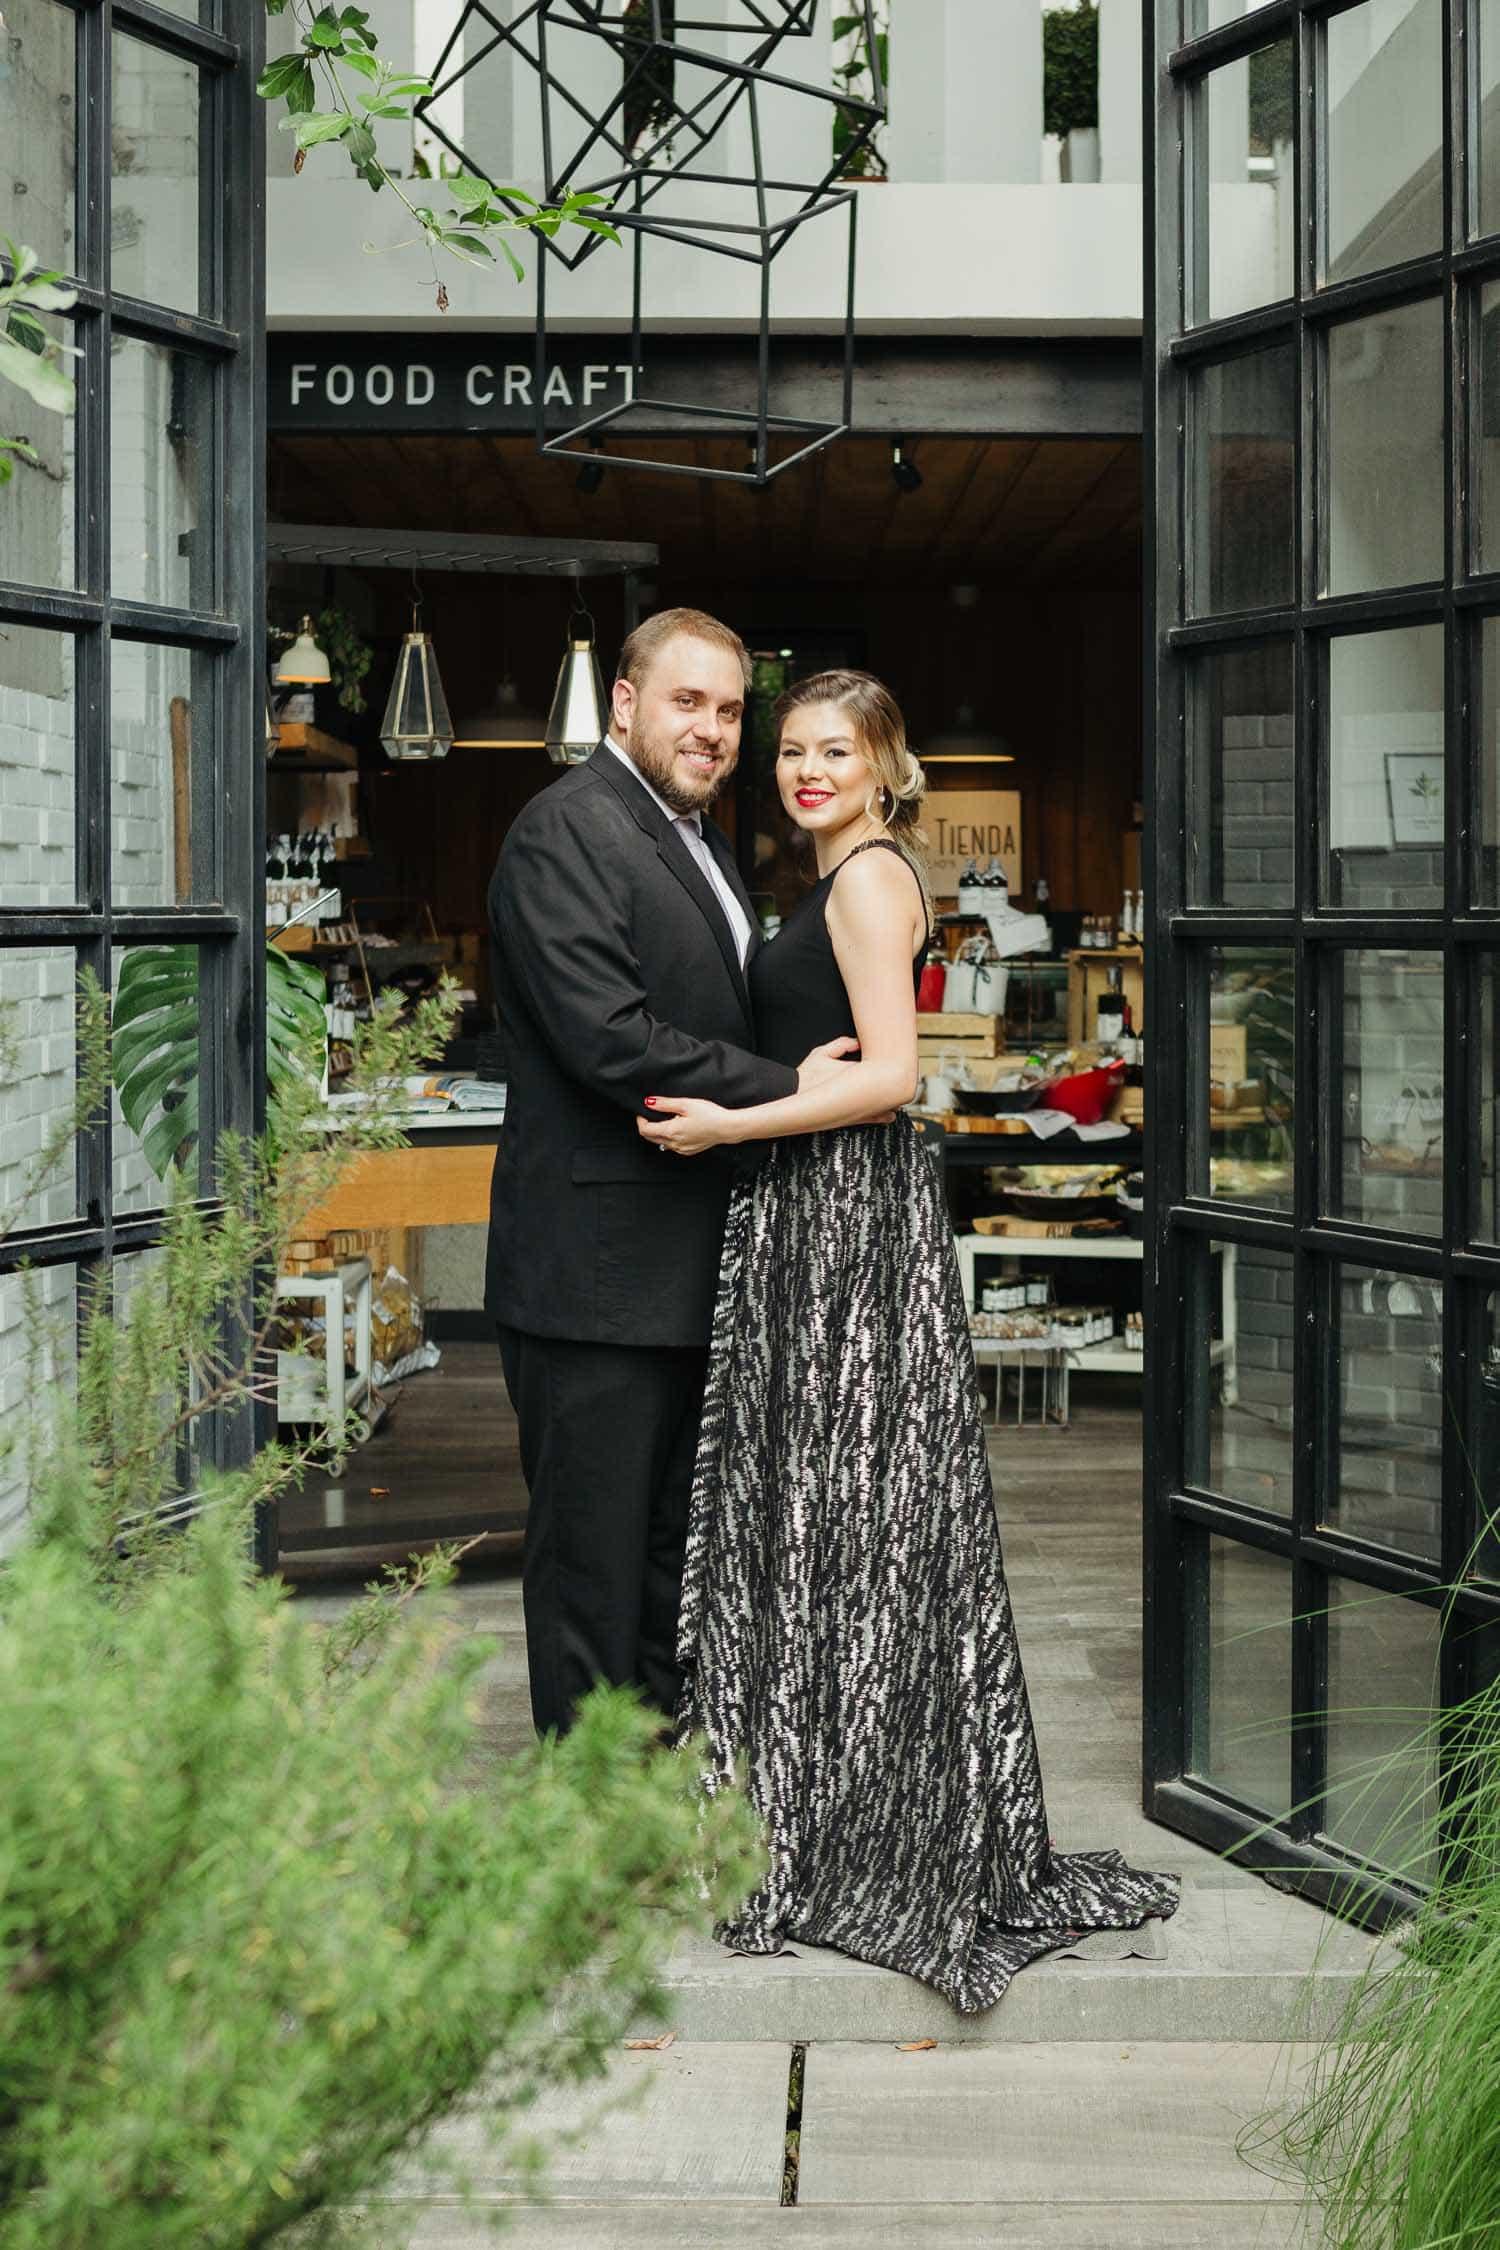 Boda civil en Clio's Food Craft